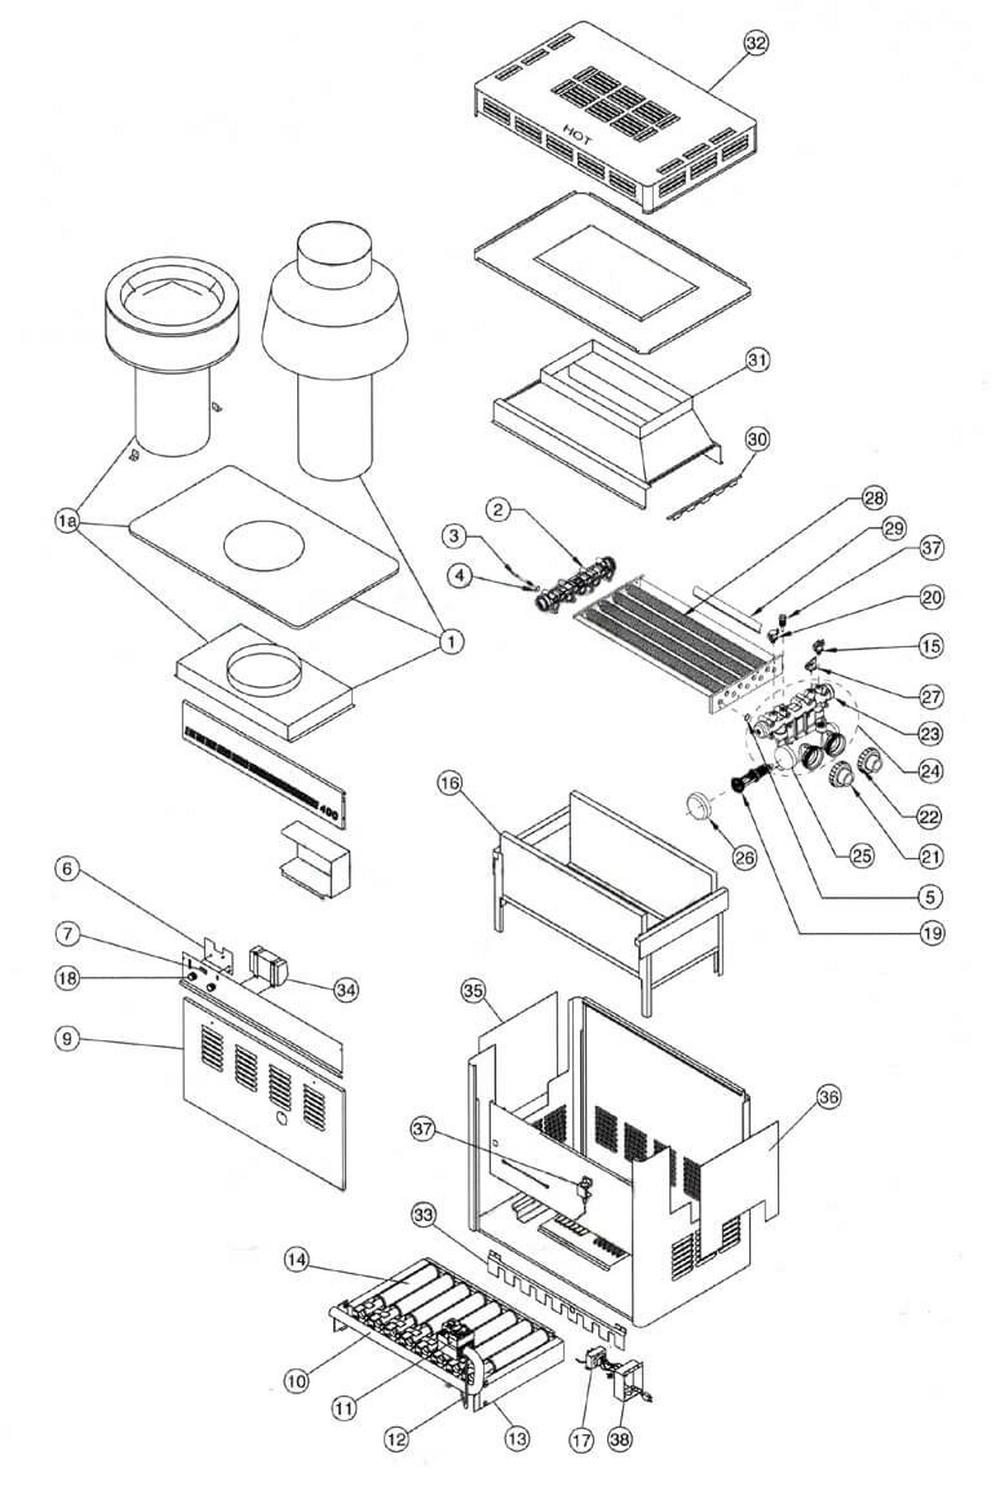 Purex Minimax CH 150 IID Heater image